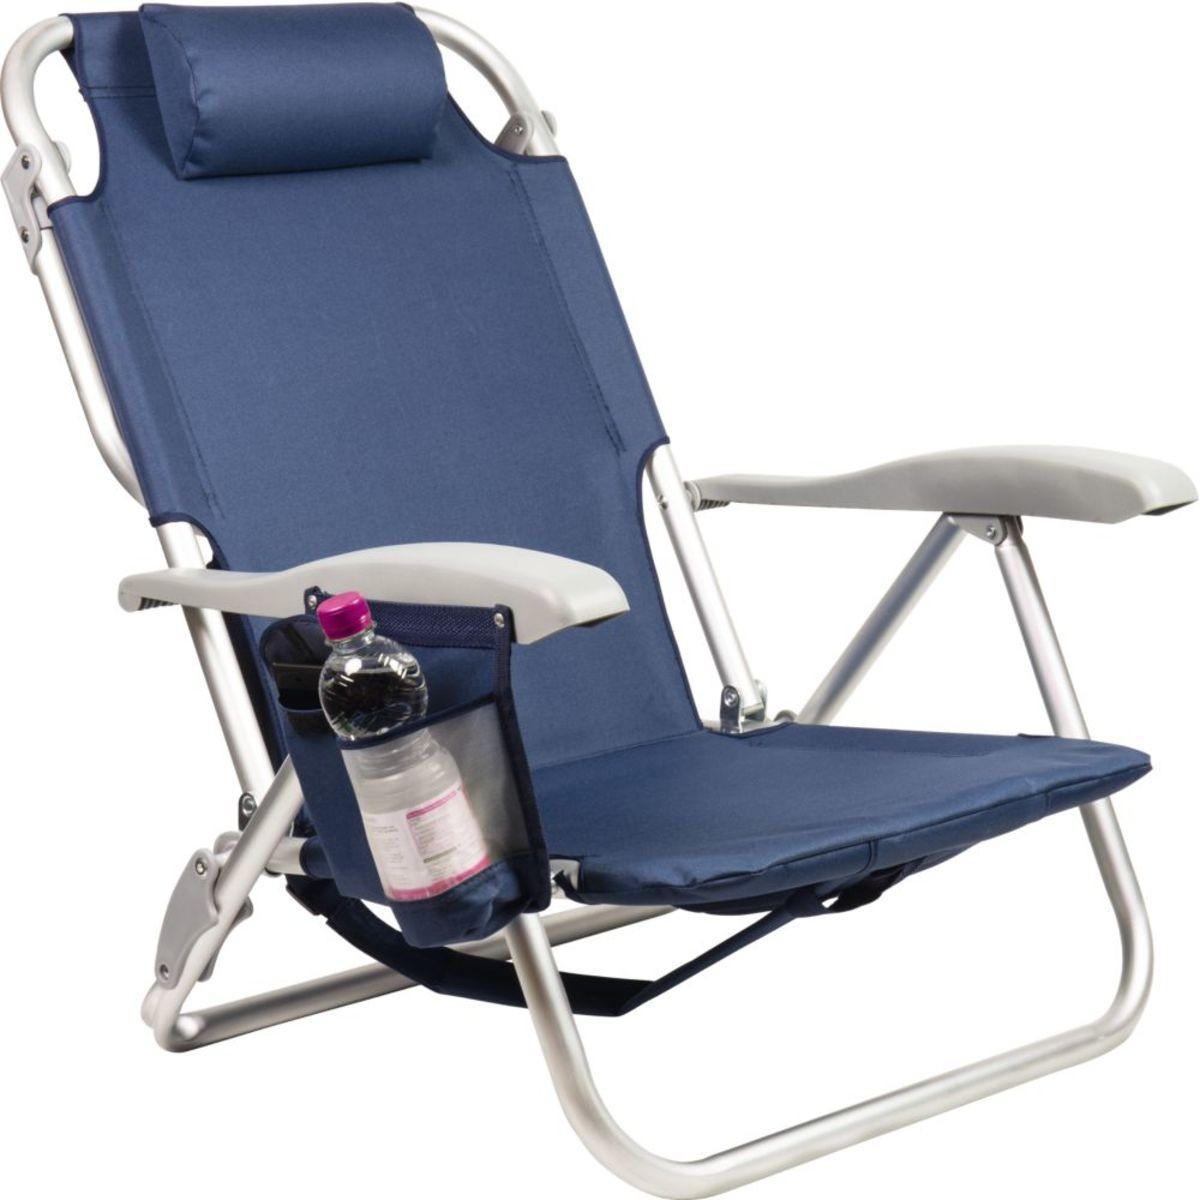 Scaun Albastru de plaja 3 in 1 - ideal pentru plaja, gradina si camping